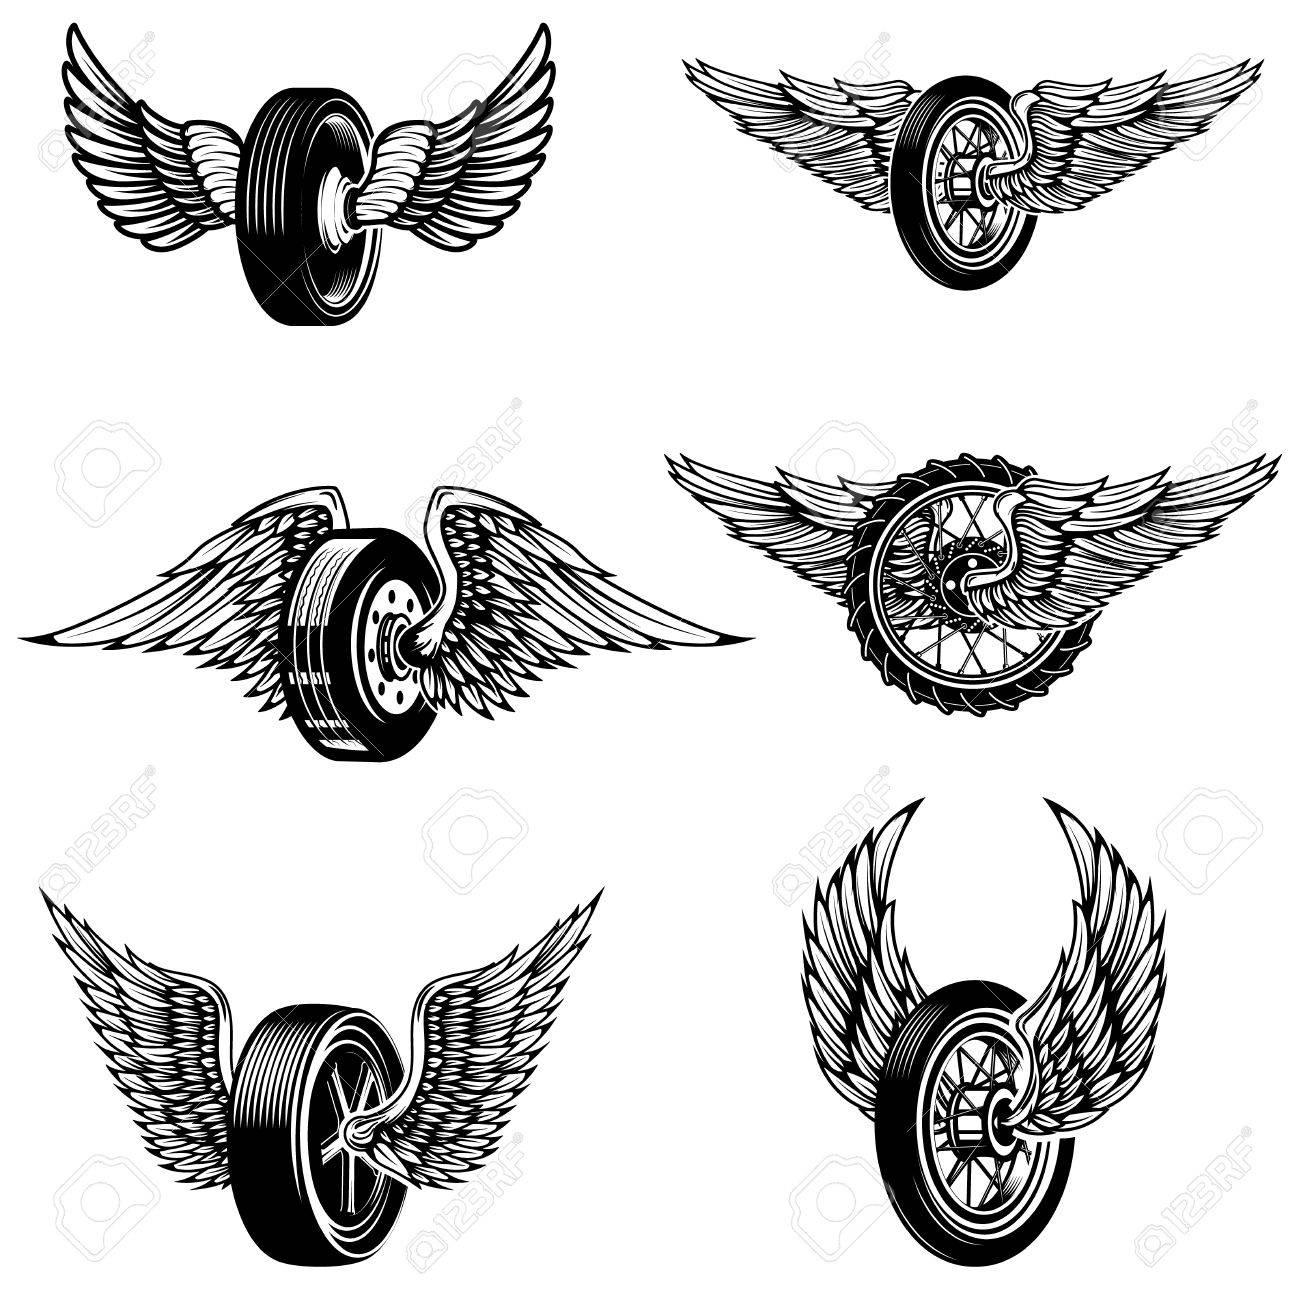 Set of winged car tires on white background. Design elements for logo, label, emblem, sign.Vector illustration - 75492868